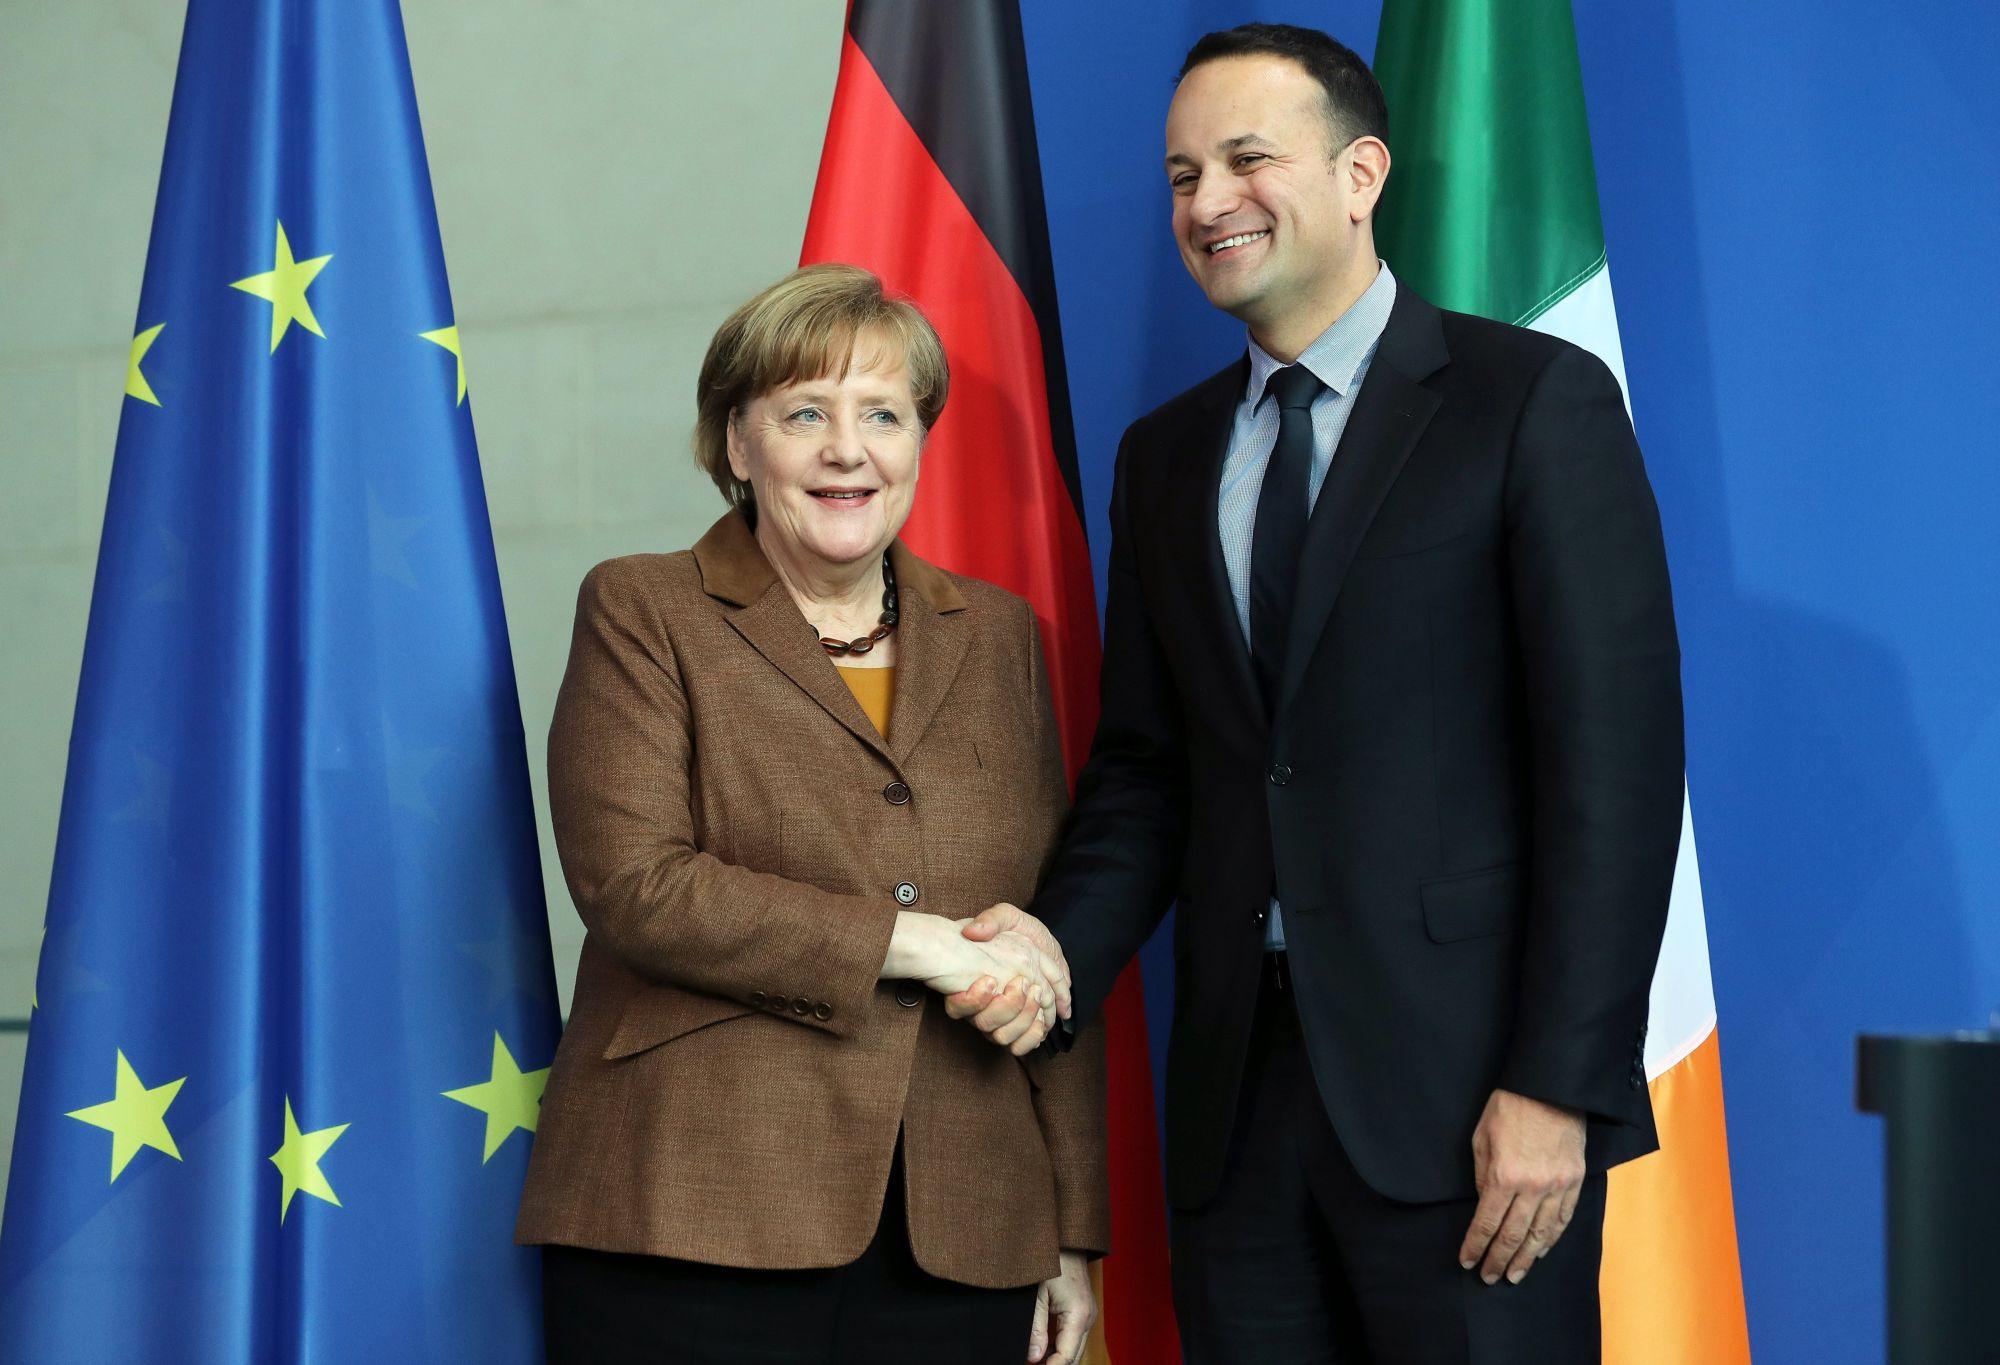 Angela Merkel német kancellár (b) és Leo Varadkar ír miniszterelnök kezet fog a berlini kancellári hivatalban tartott sajtótájékoztatójuk végén 2018. március 20-án. (MTI/EPA/Felipe Trueba)